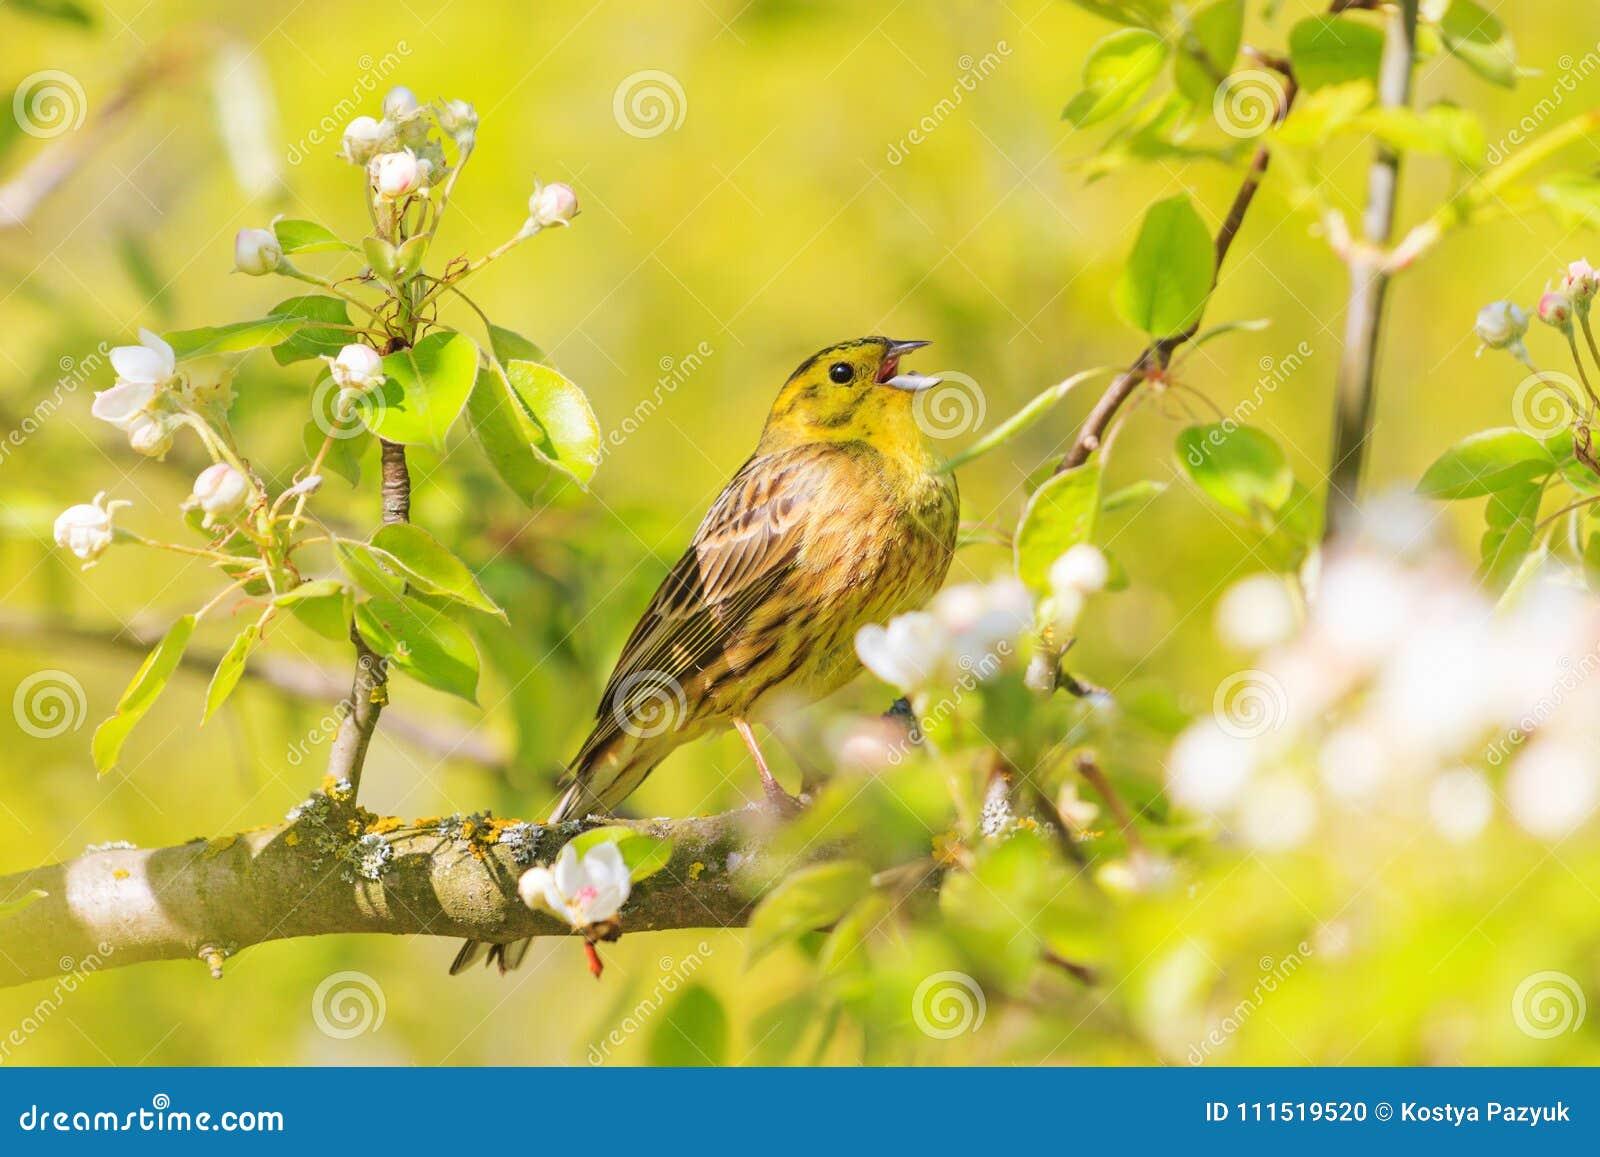 Groß Gelbe Böse Vogel Färbung Seite Bilder - Framing Malvorlagen ...